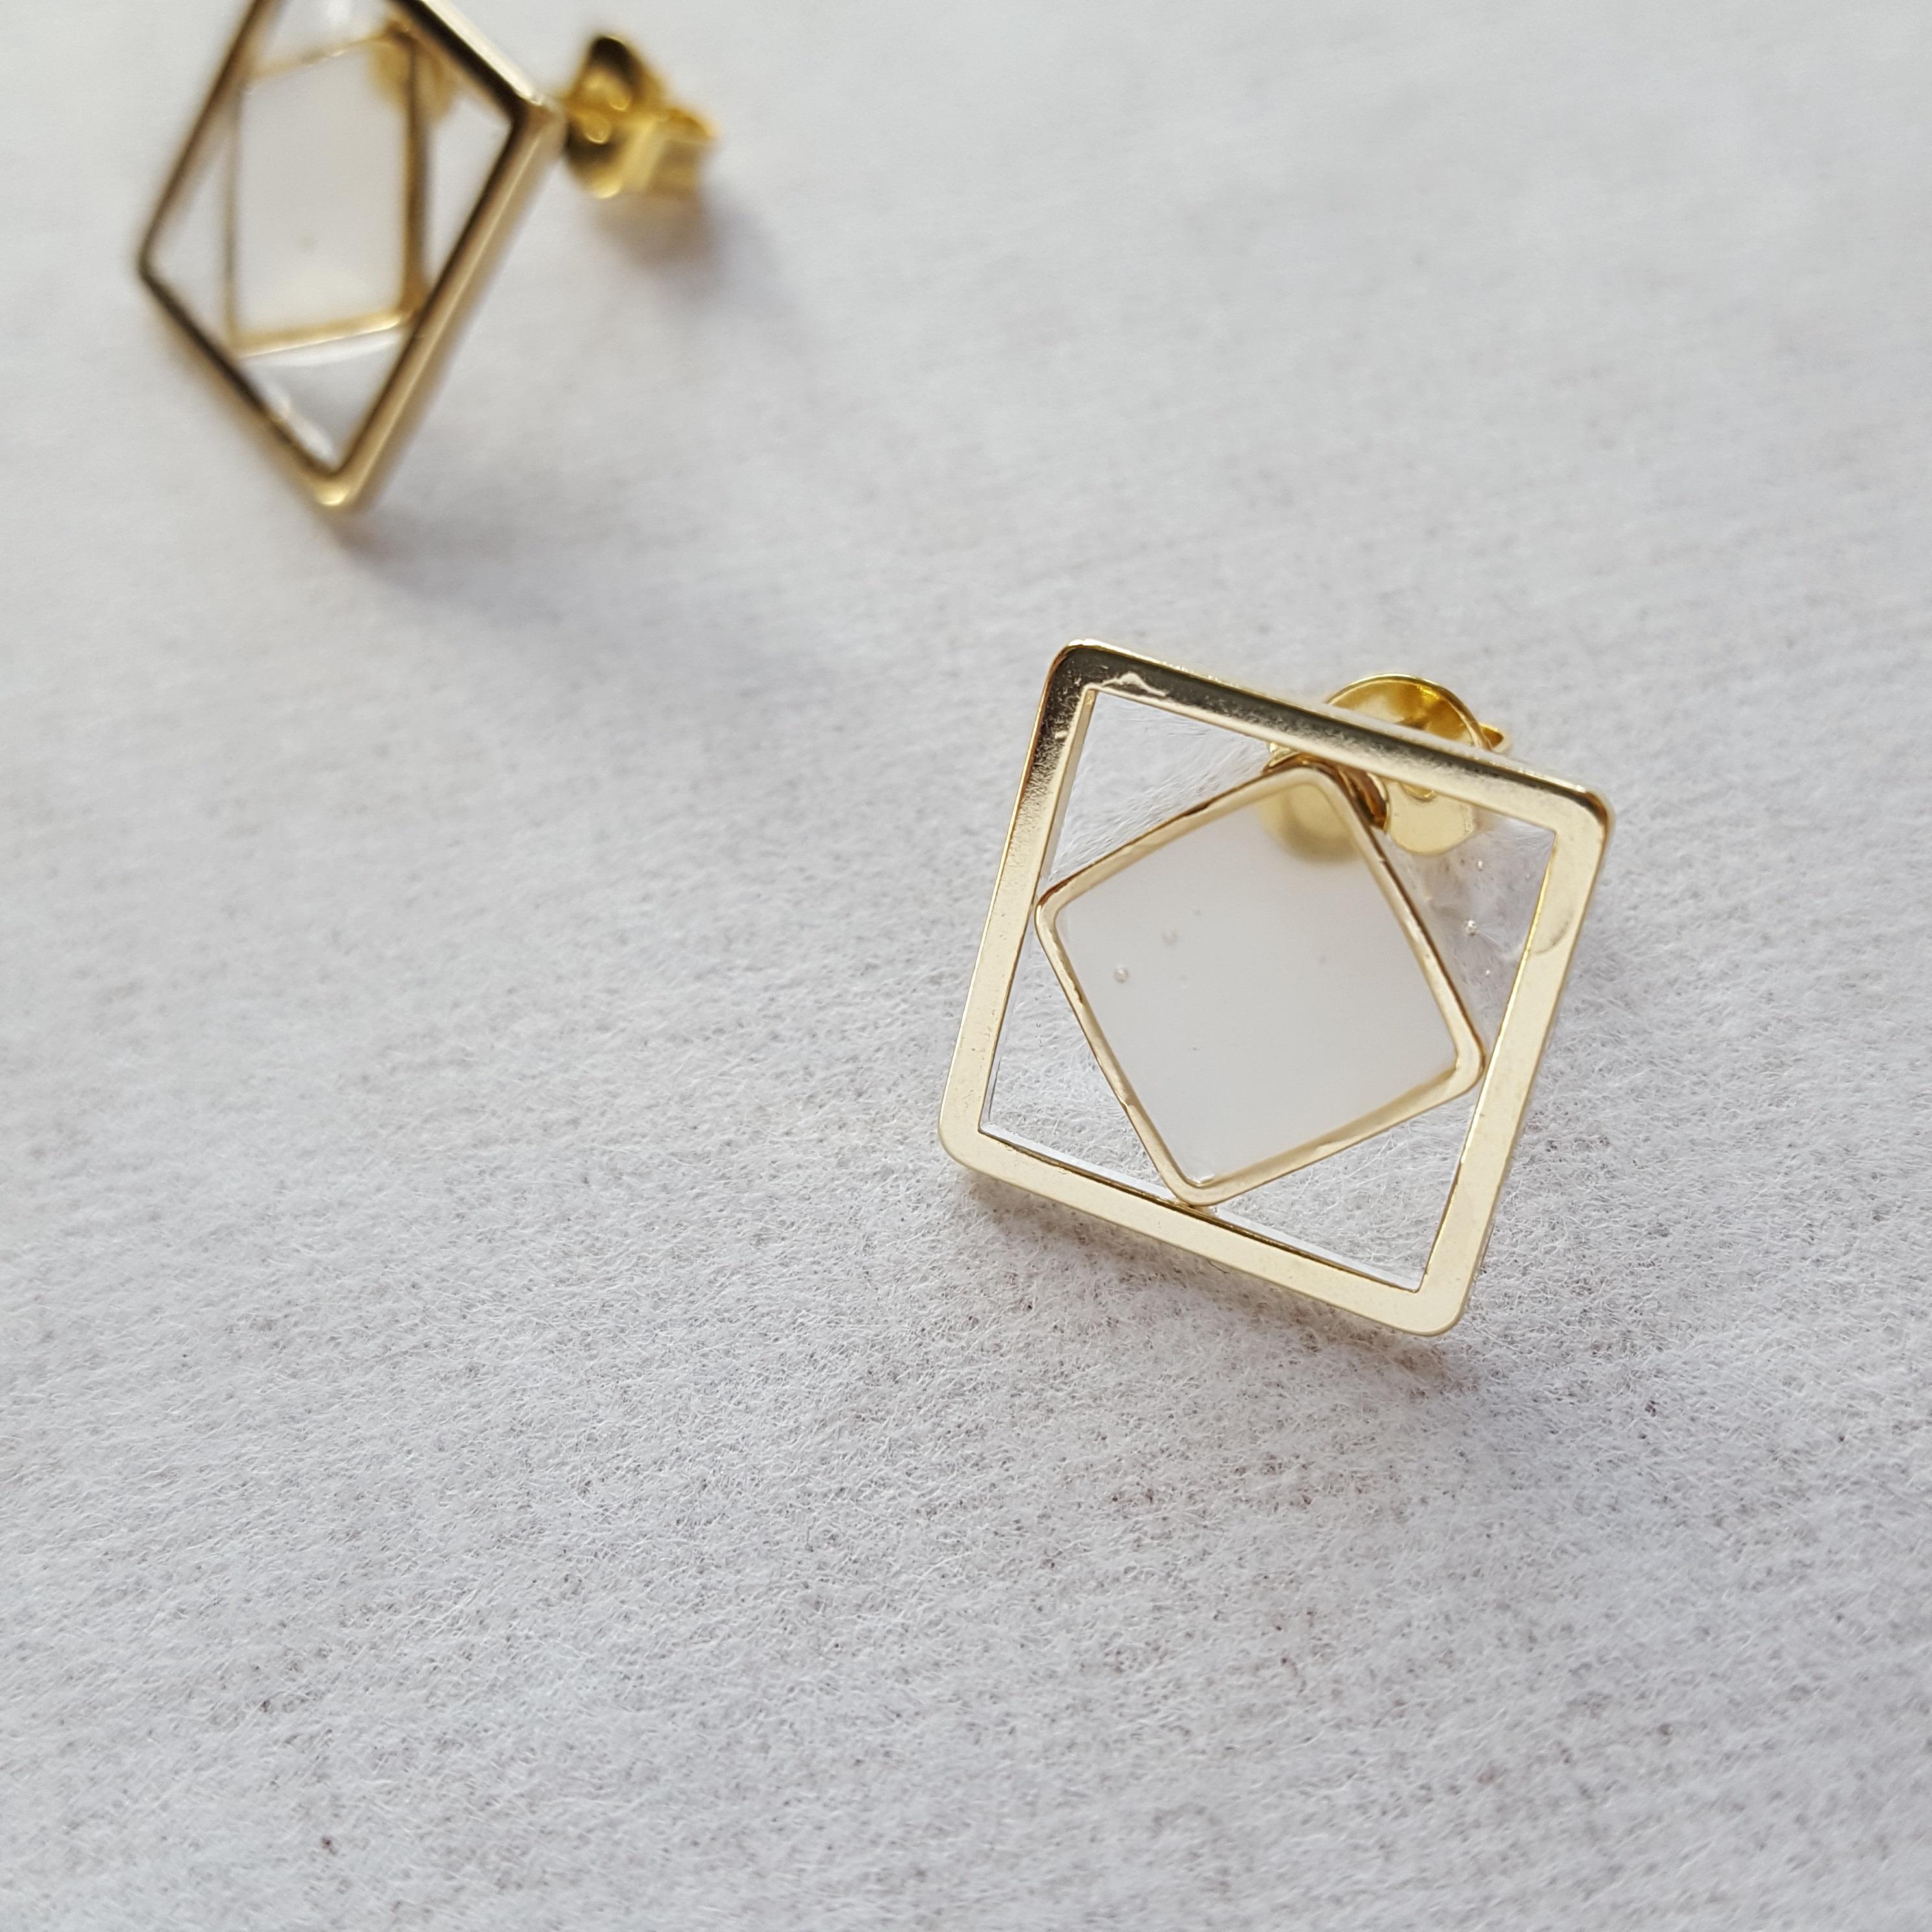 くもりガラスとゴールドの奏でる上品アクセサリー|シンプルで凛とした女性へ贈る